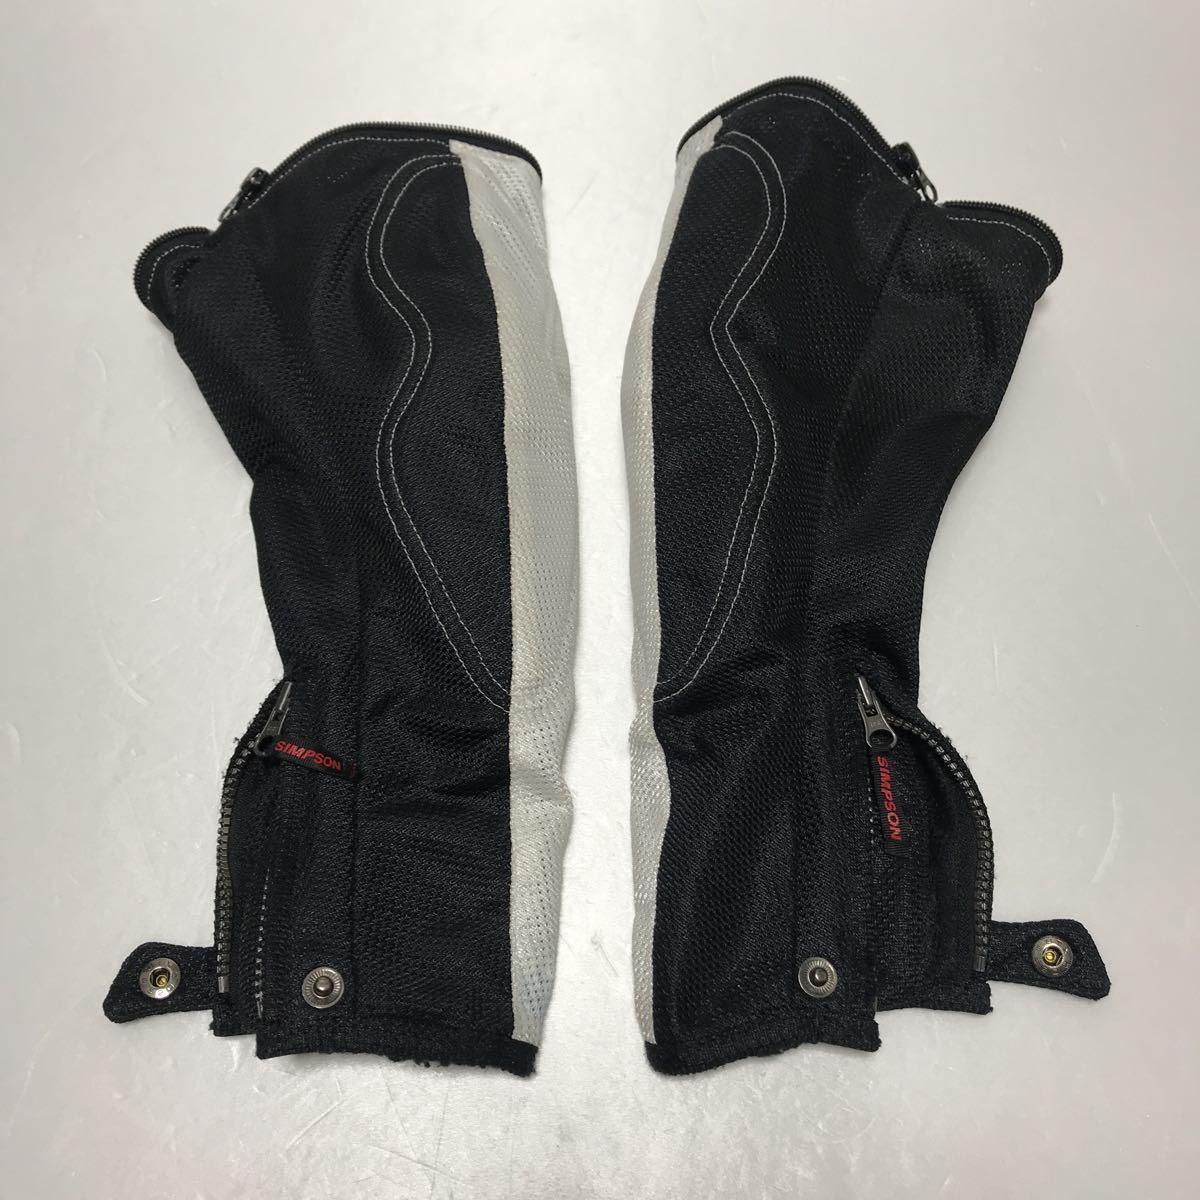 シンプソン(SIMPSON)  半袖切り替え 春夏 メッシュジャケット(メンズ) ライダースジャケット バイクウエア サイズM 中古_画像8